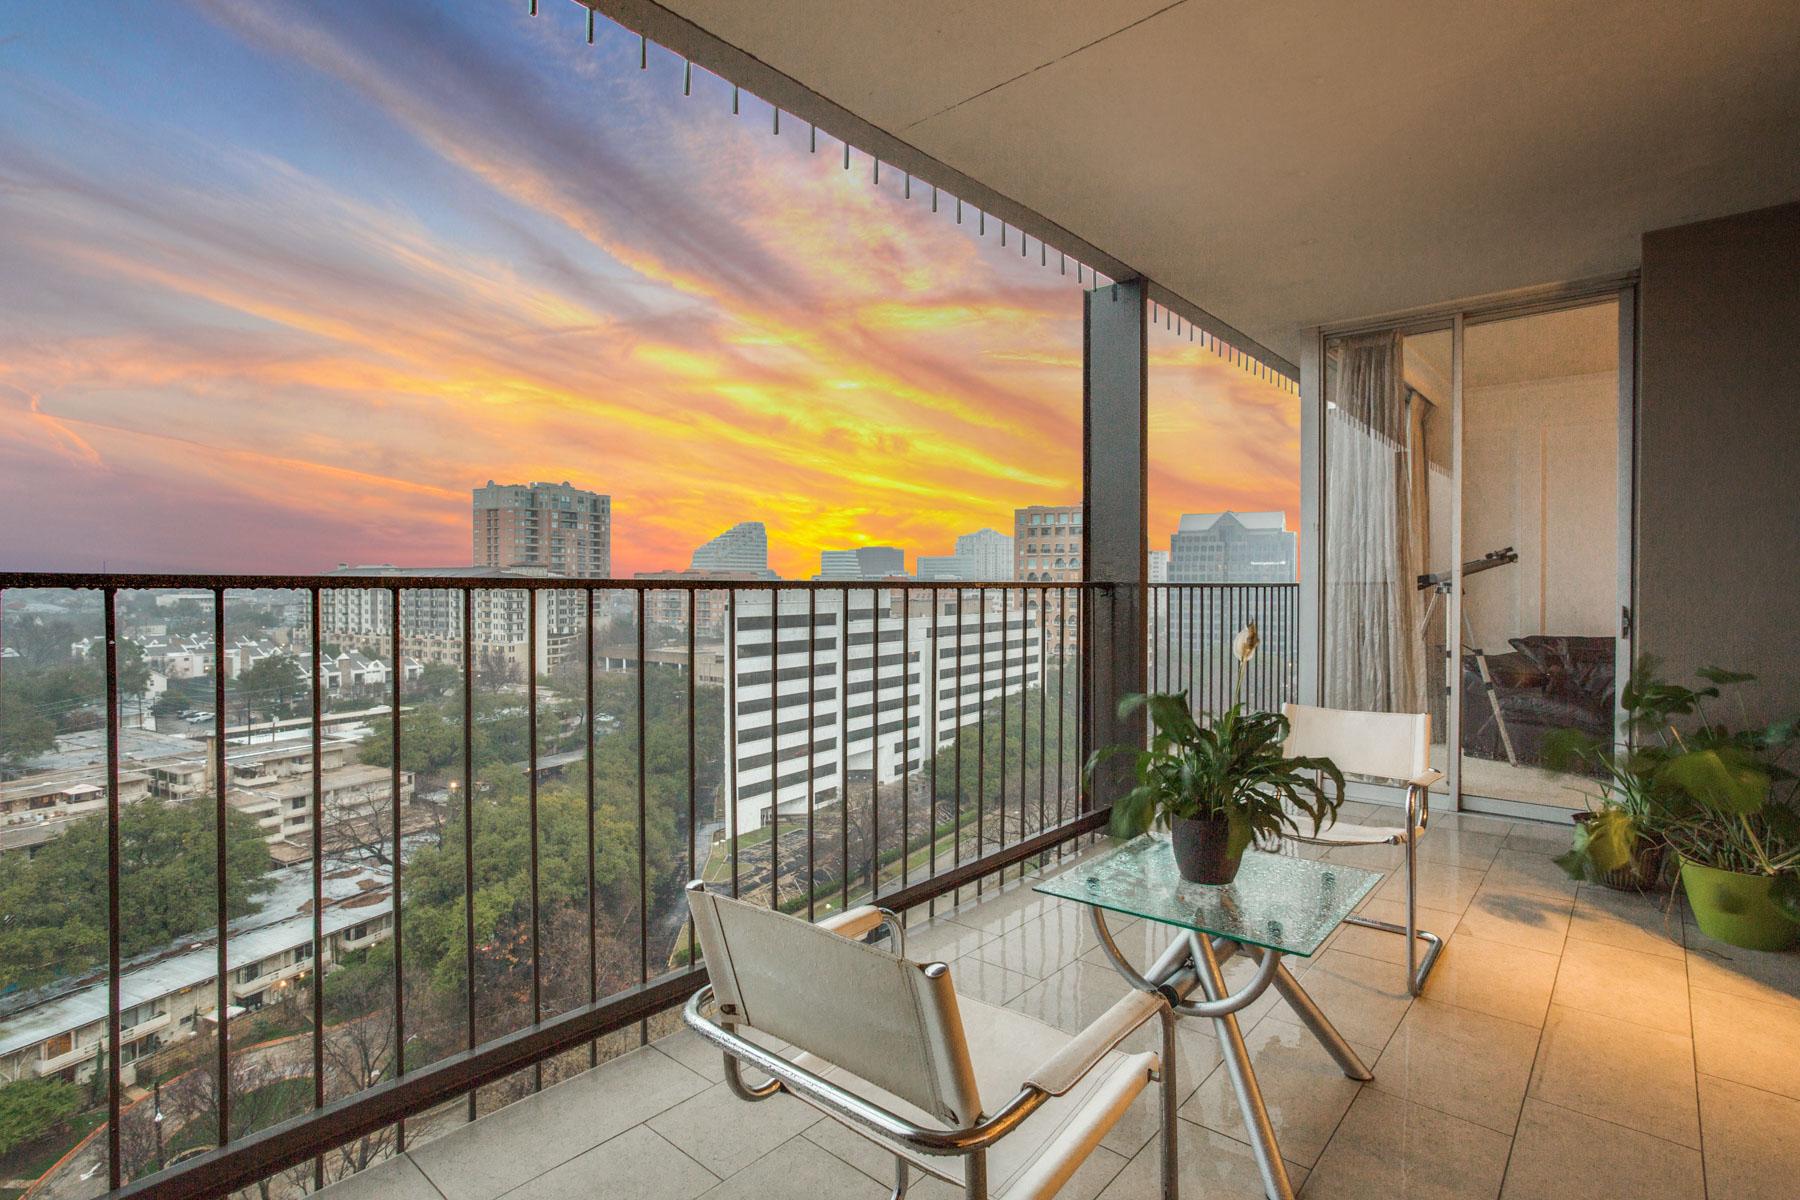 Кондоминиум для того Продажа на Turtle Creek Mid Century Modern High Rise 3310 Fairmount Street #16B, Dallas, Техас, 75201 Соединенные Штаты